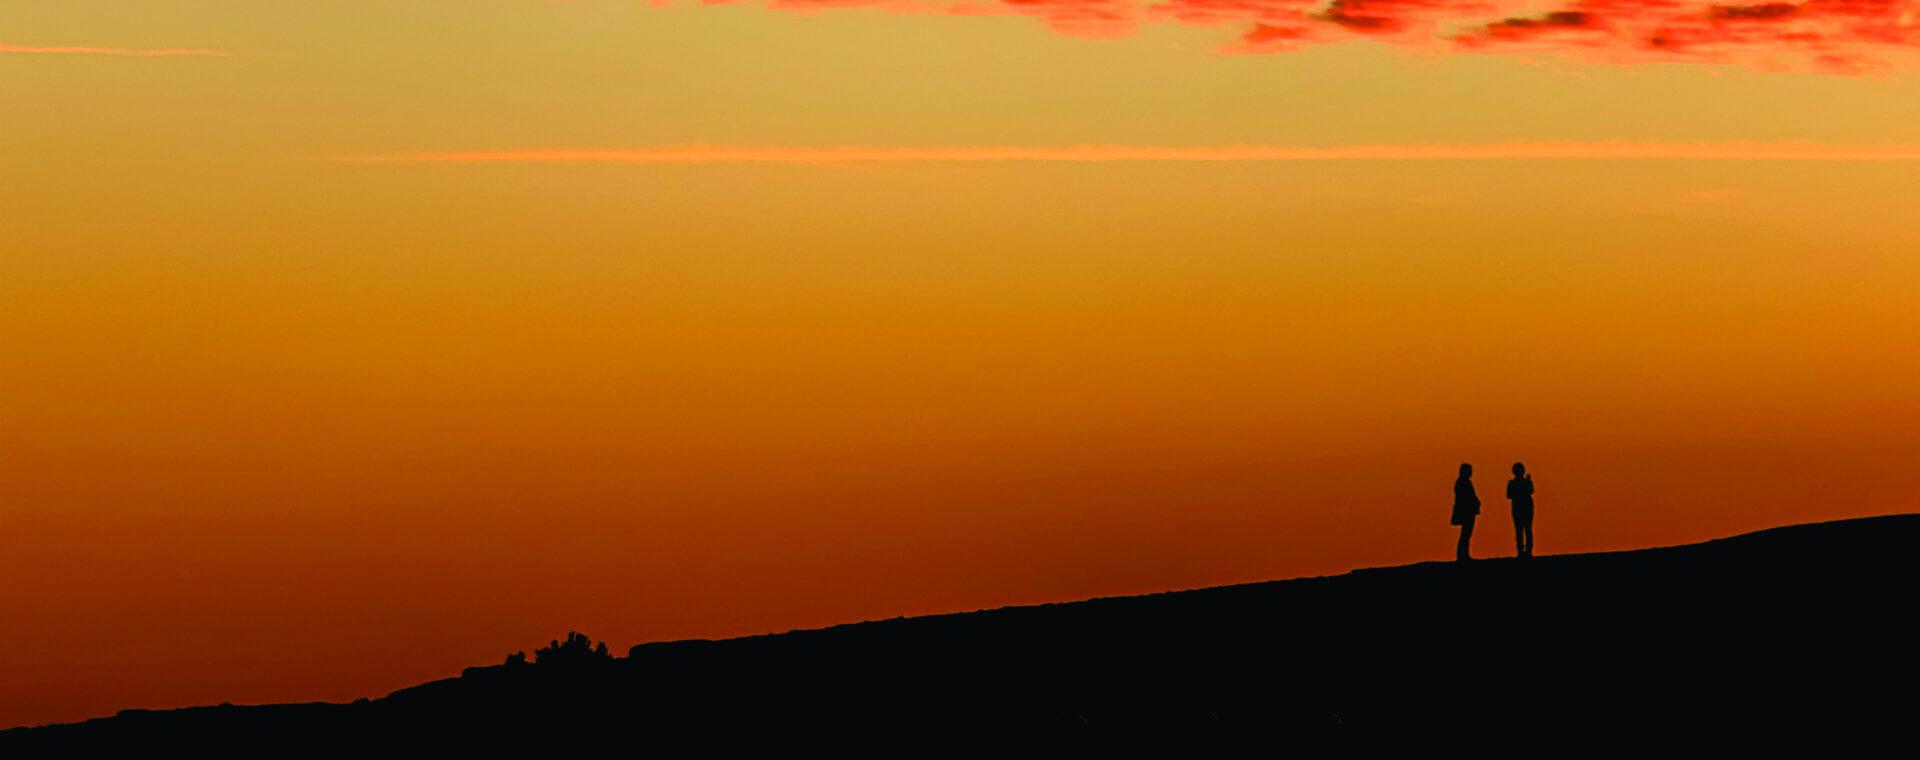 רוח במדבר